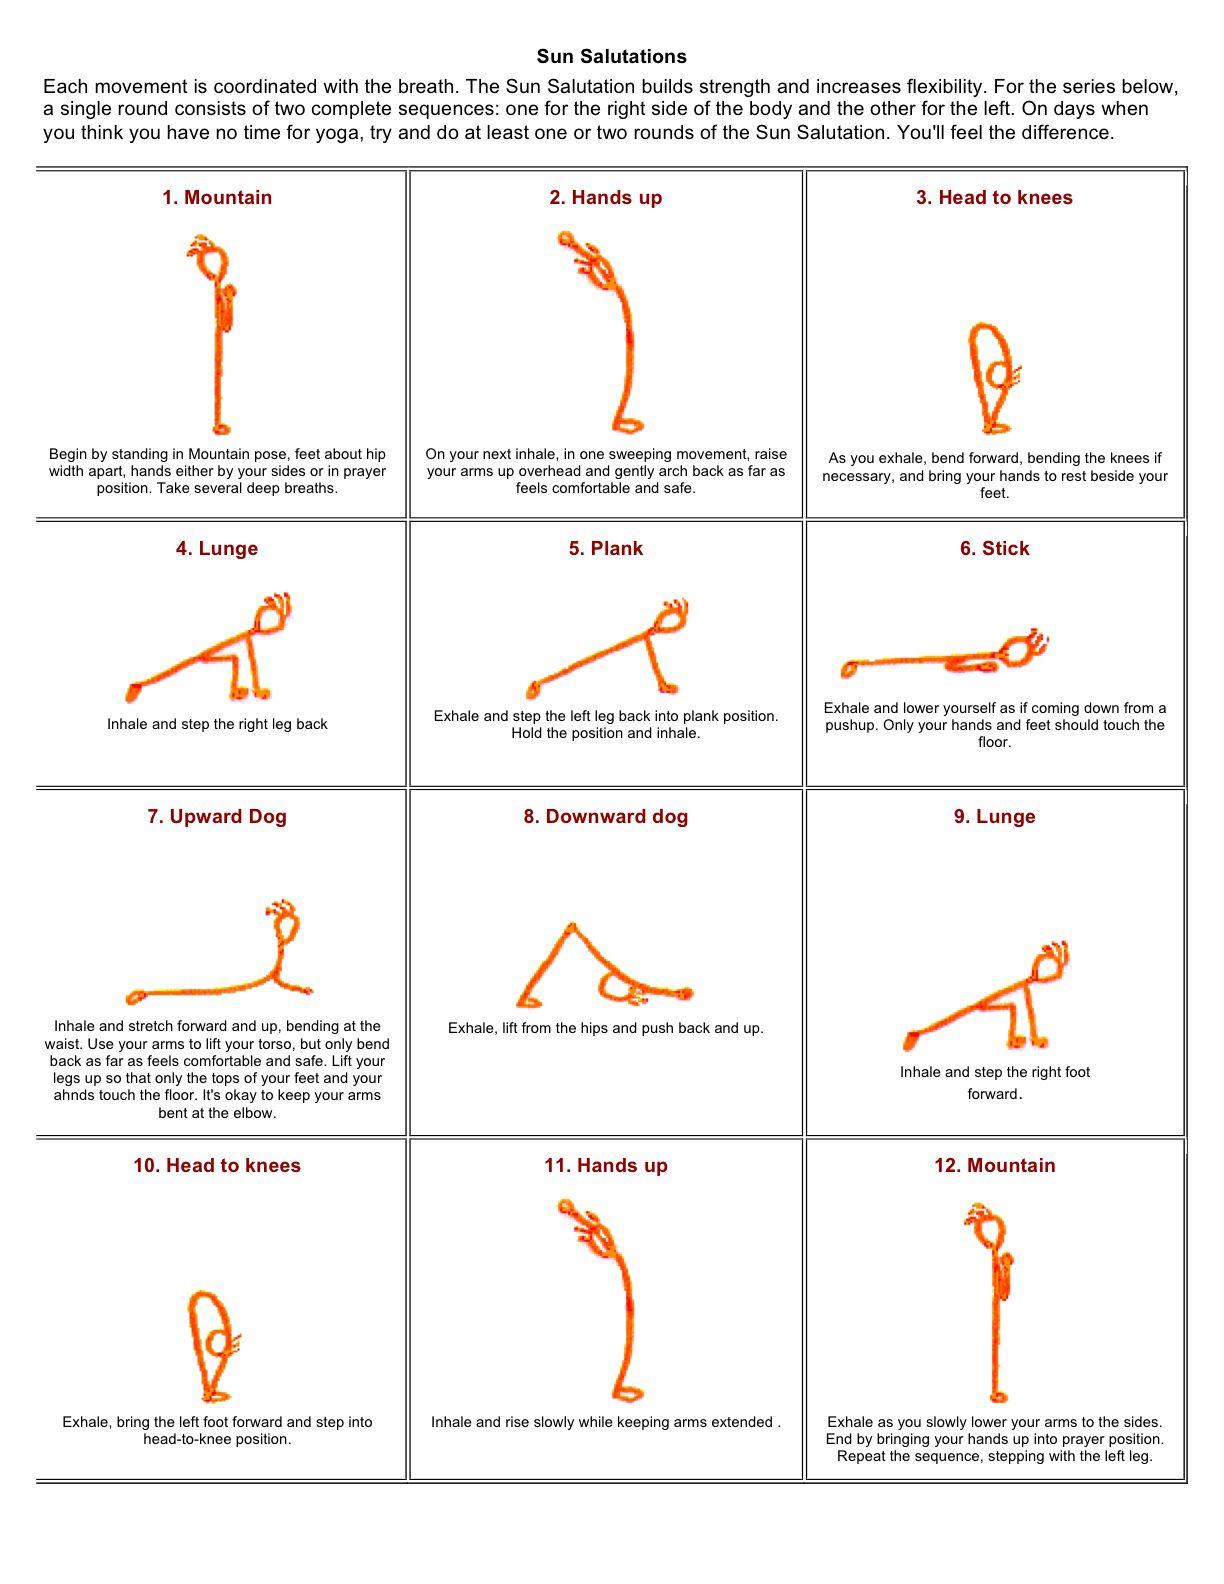 Image From Http Www Yogaactivist Org Wp Content Uploads 2010 08 Sun Salutation Handout Jpg Sun Salutation Sun Salutation Sequence Yoga Stick Figures